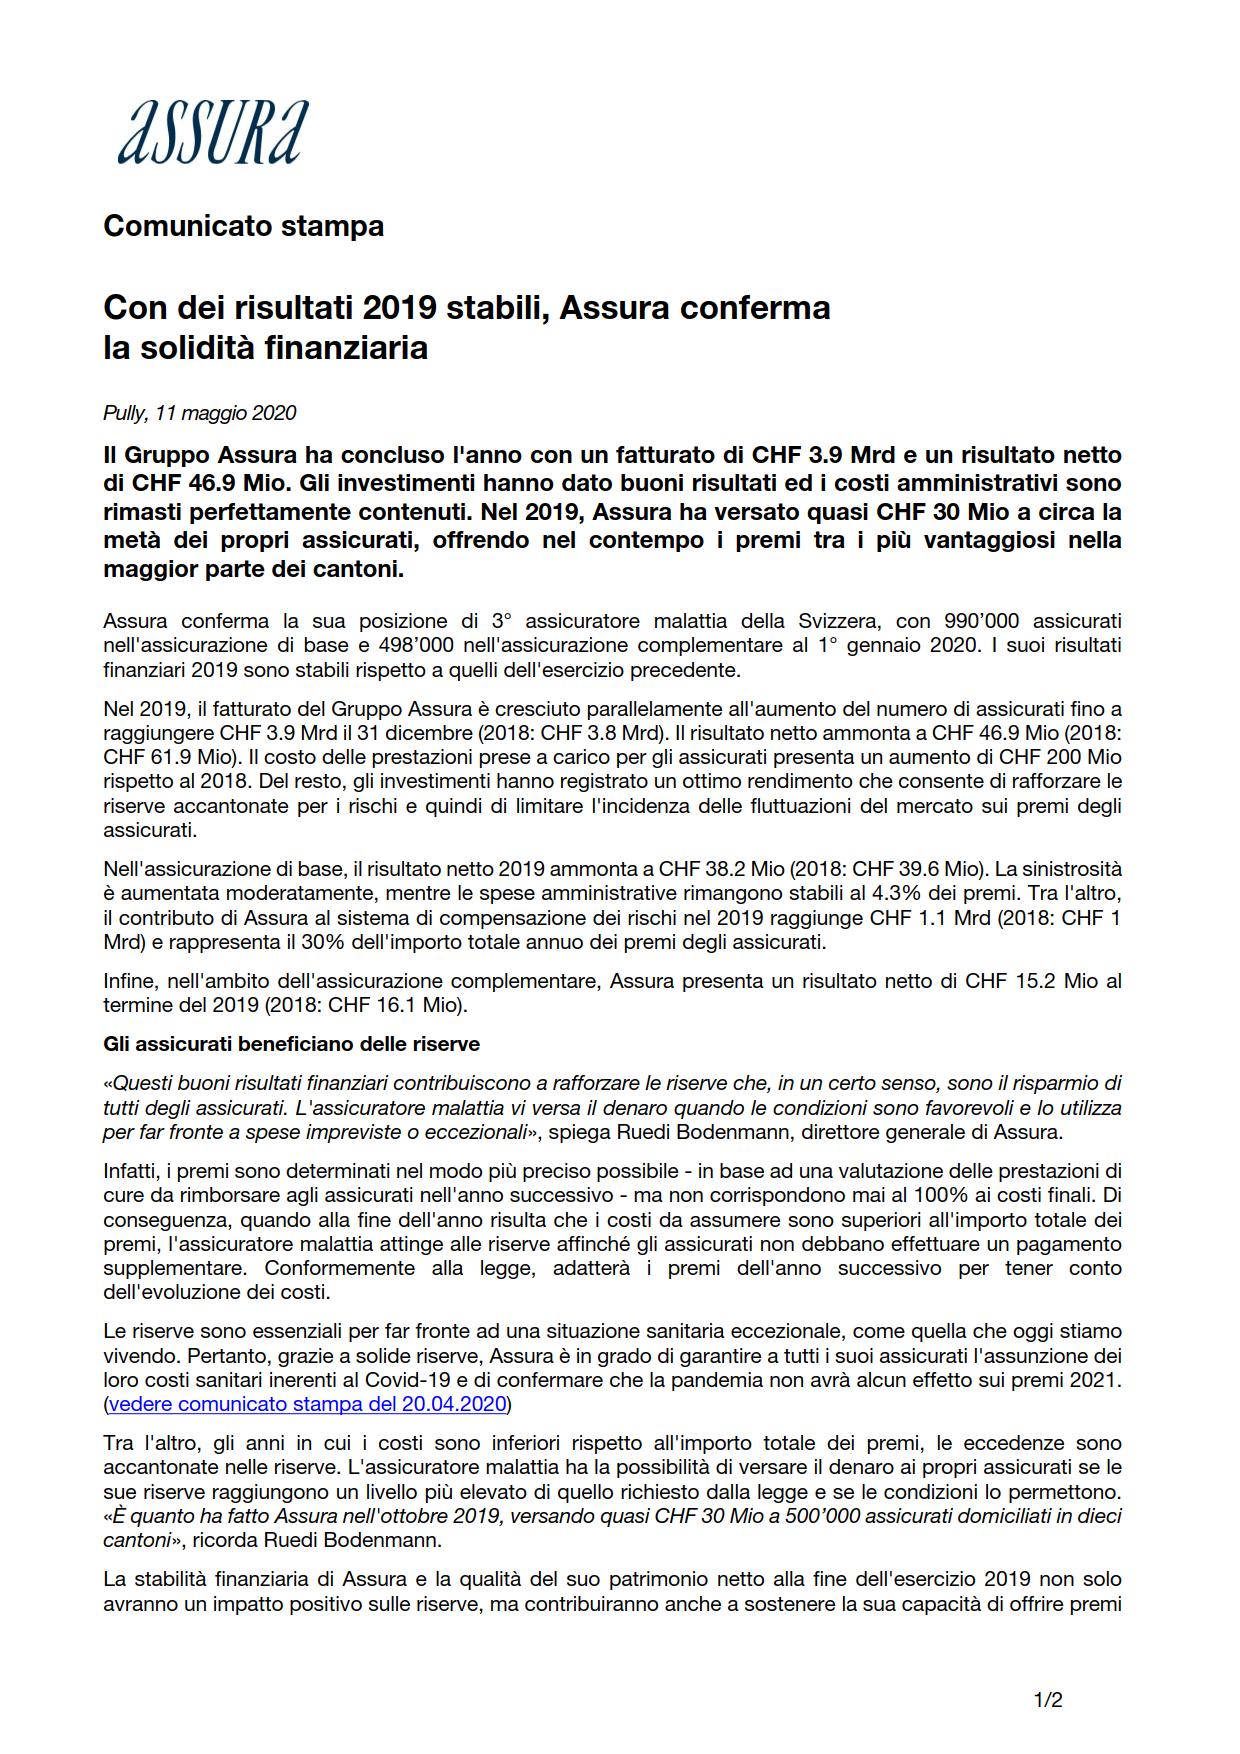 Thumbnail of Con dei risultati 2019 stabili, Assura conferma la solidità finanziaria